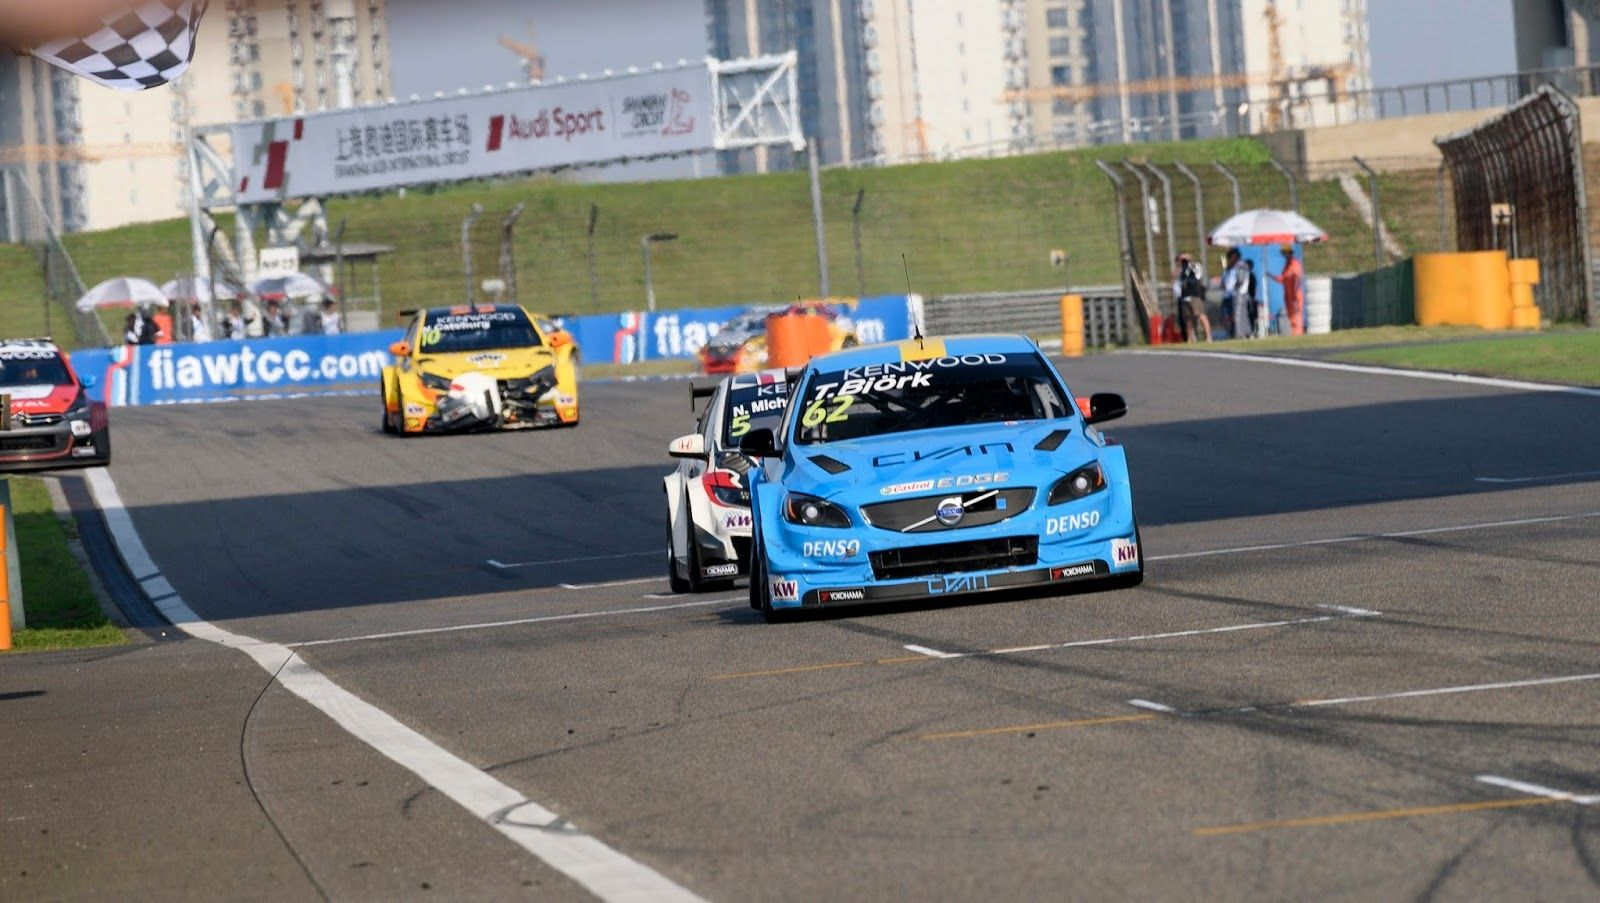 Πρώτη νίκη για τη Volvo και την Polestar Cyan Racing, στο